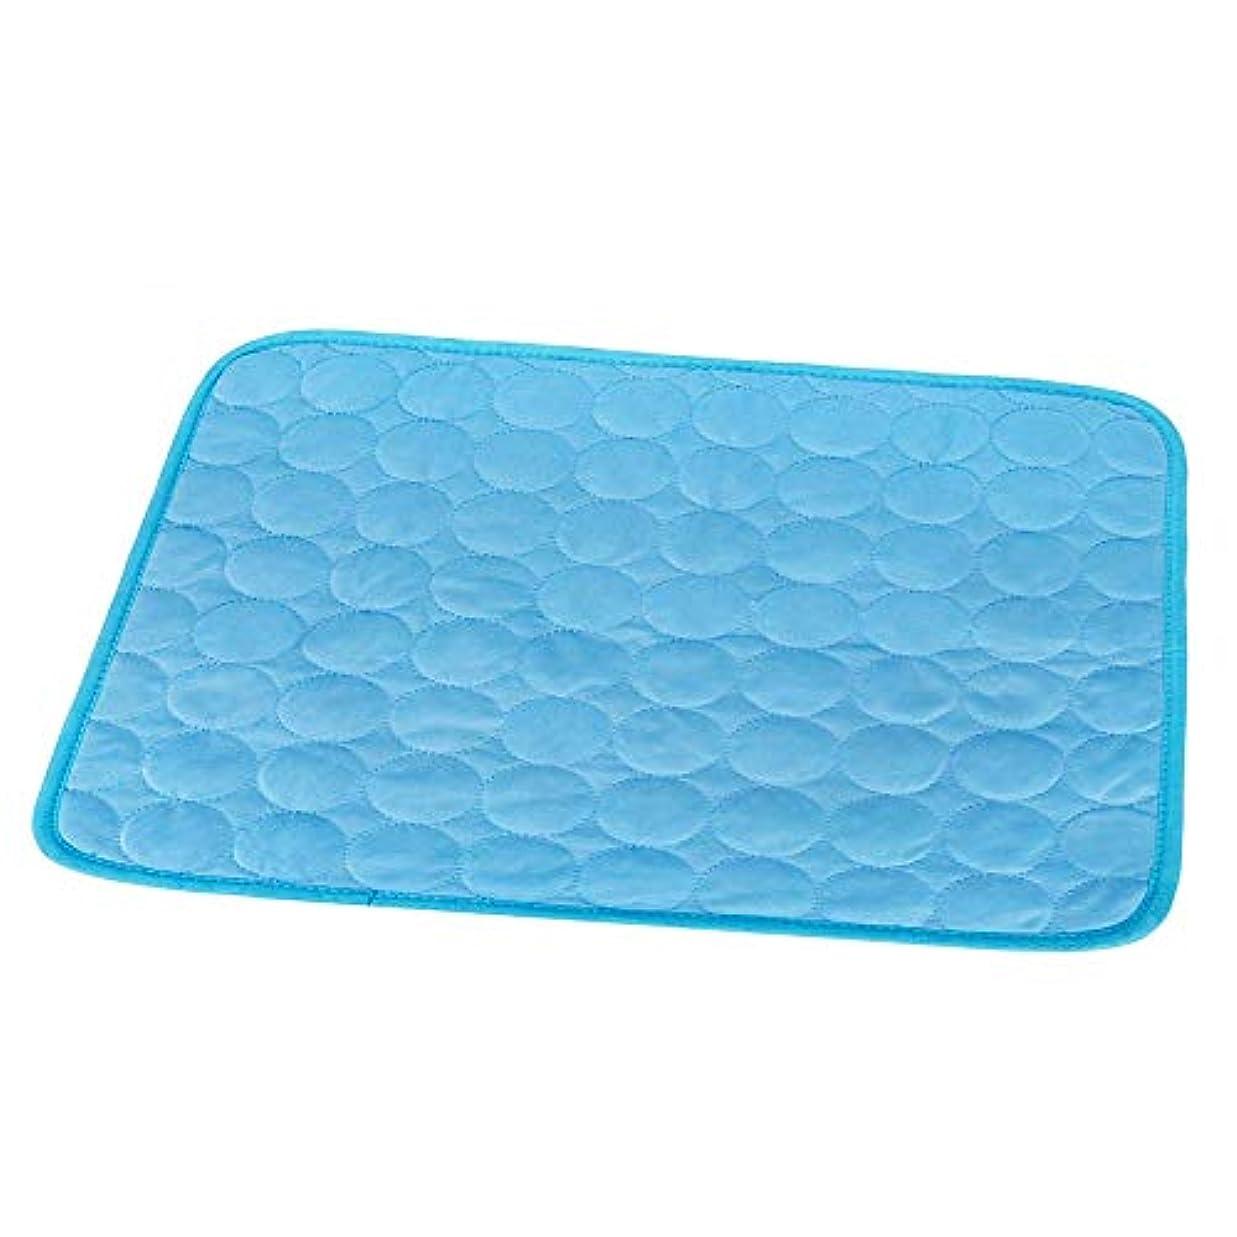 パースネーピア堂々たるクールマット ひんやりマット ひんやり枕 冷感敷きパッド タオル地 通気性が良い 接触冷感 涼感冷感クッション